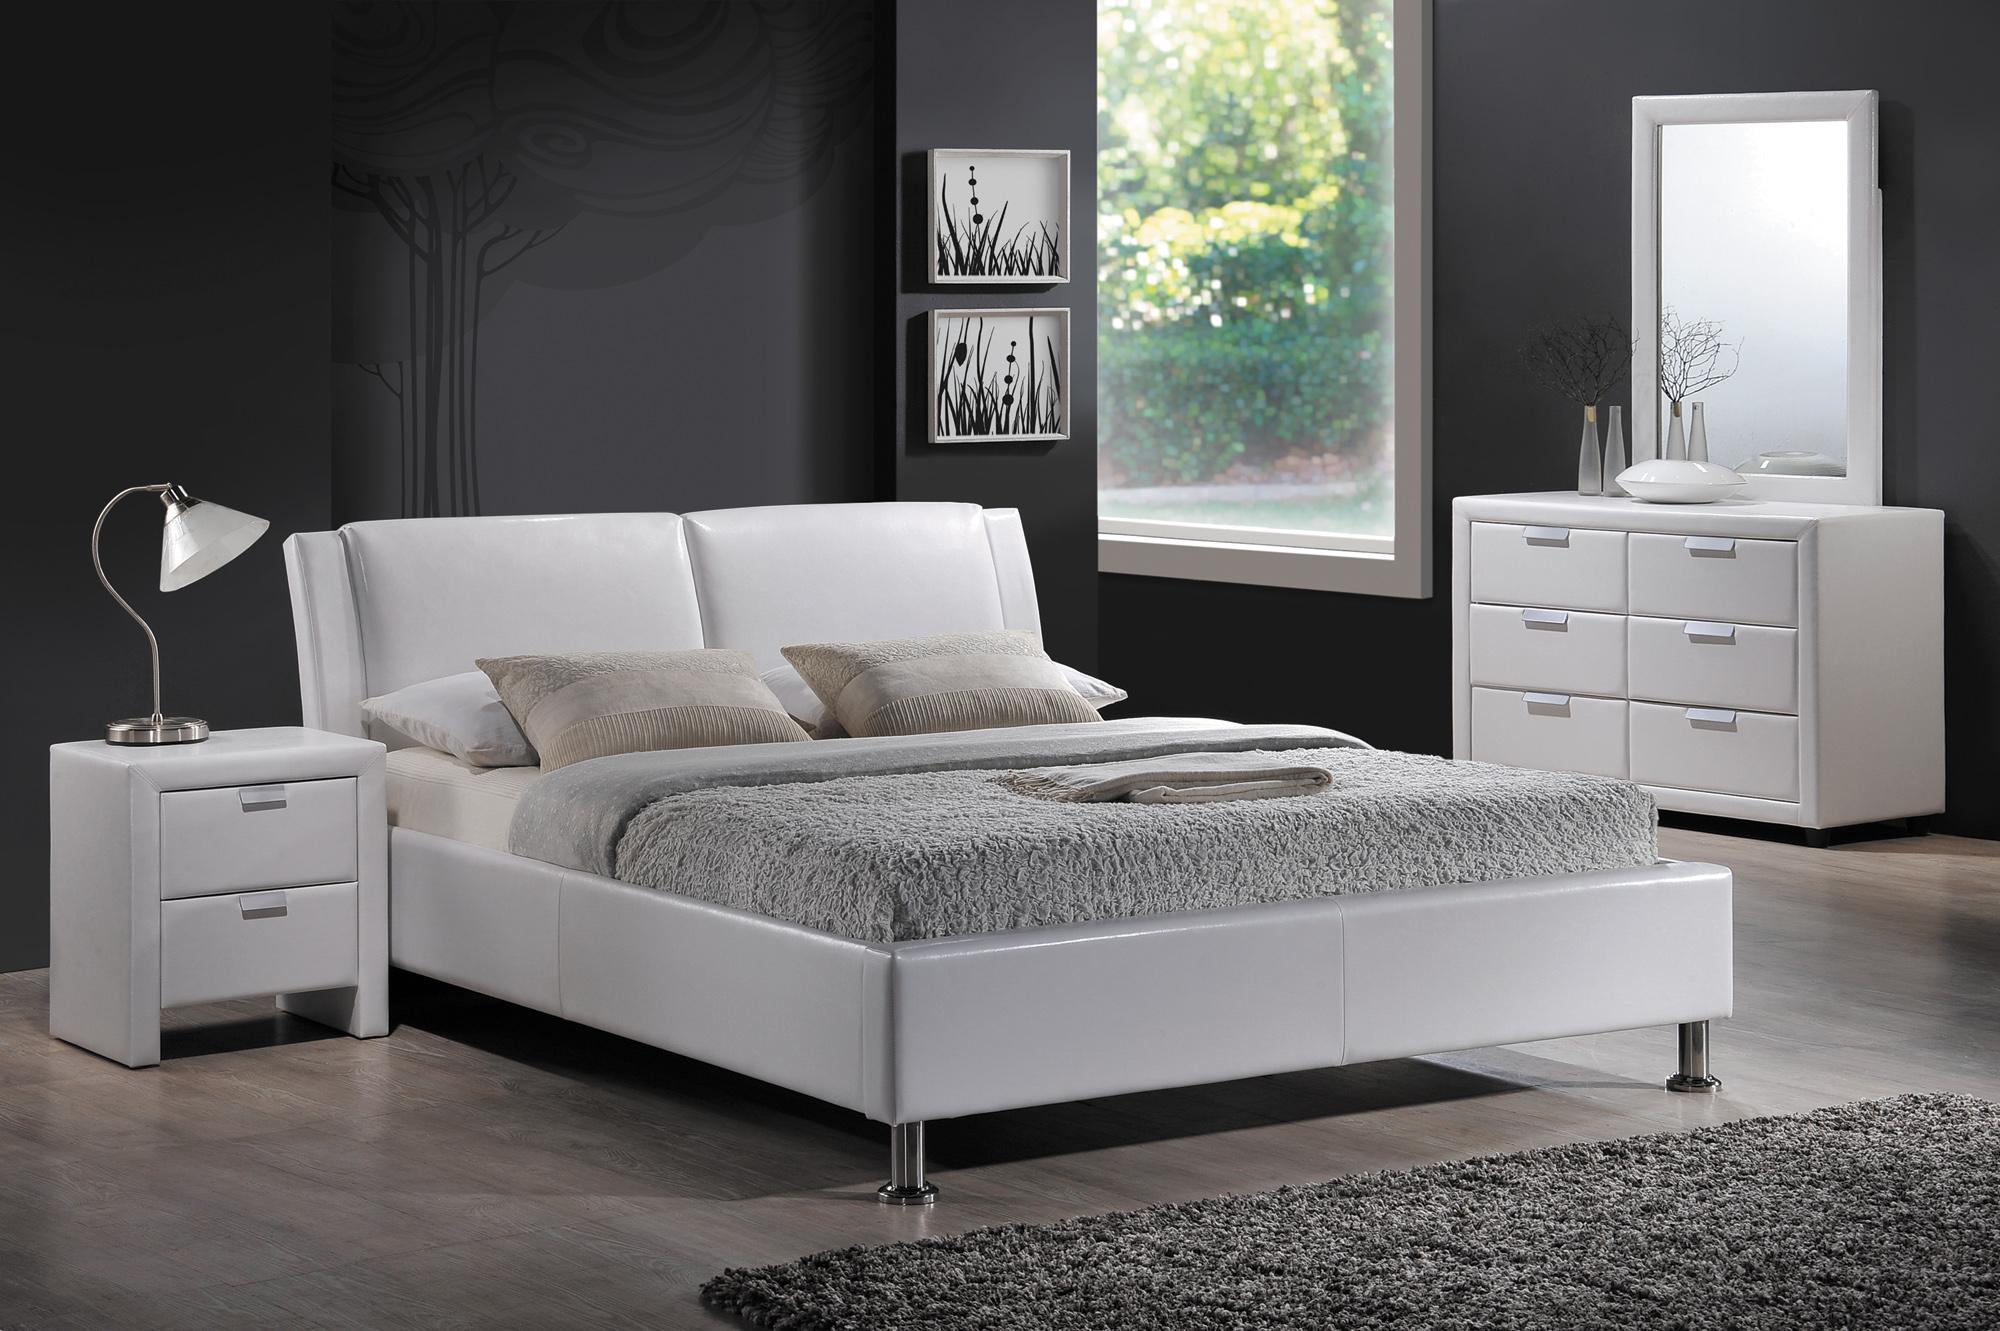 Signal Manželská posteľ MITO 160x200